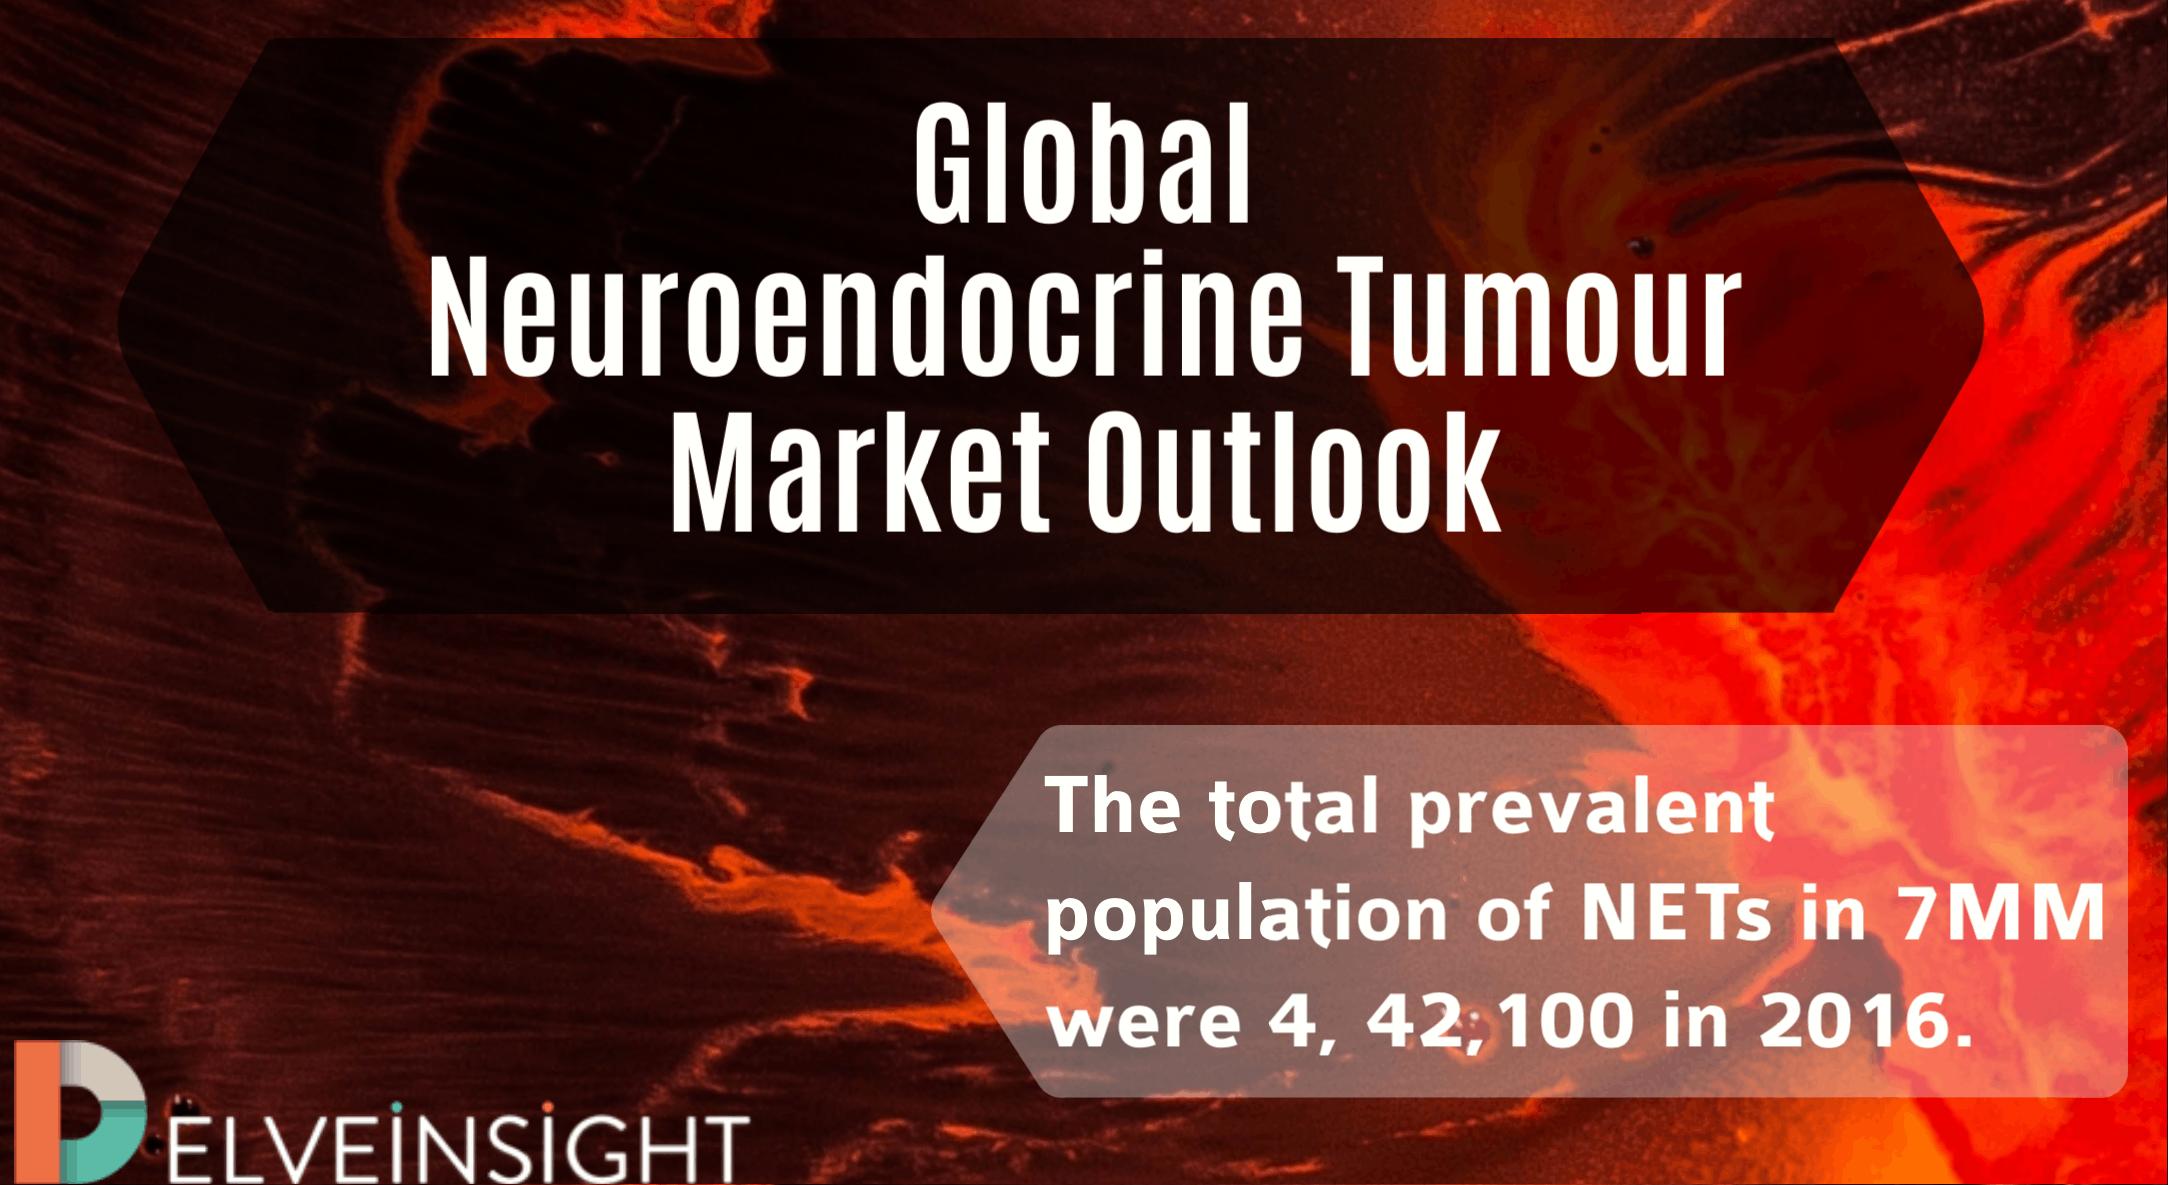 Neuroendocrine Tumour Market